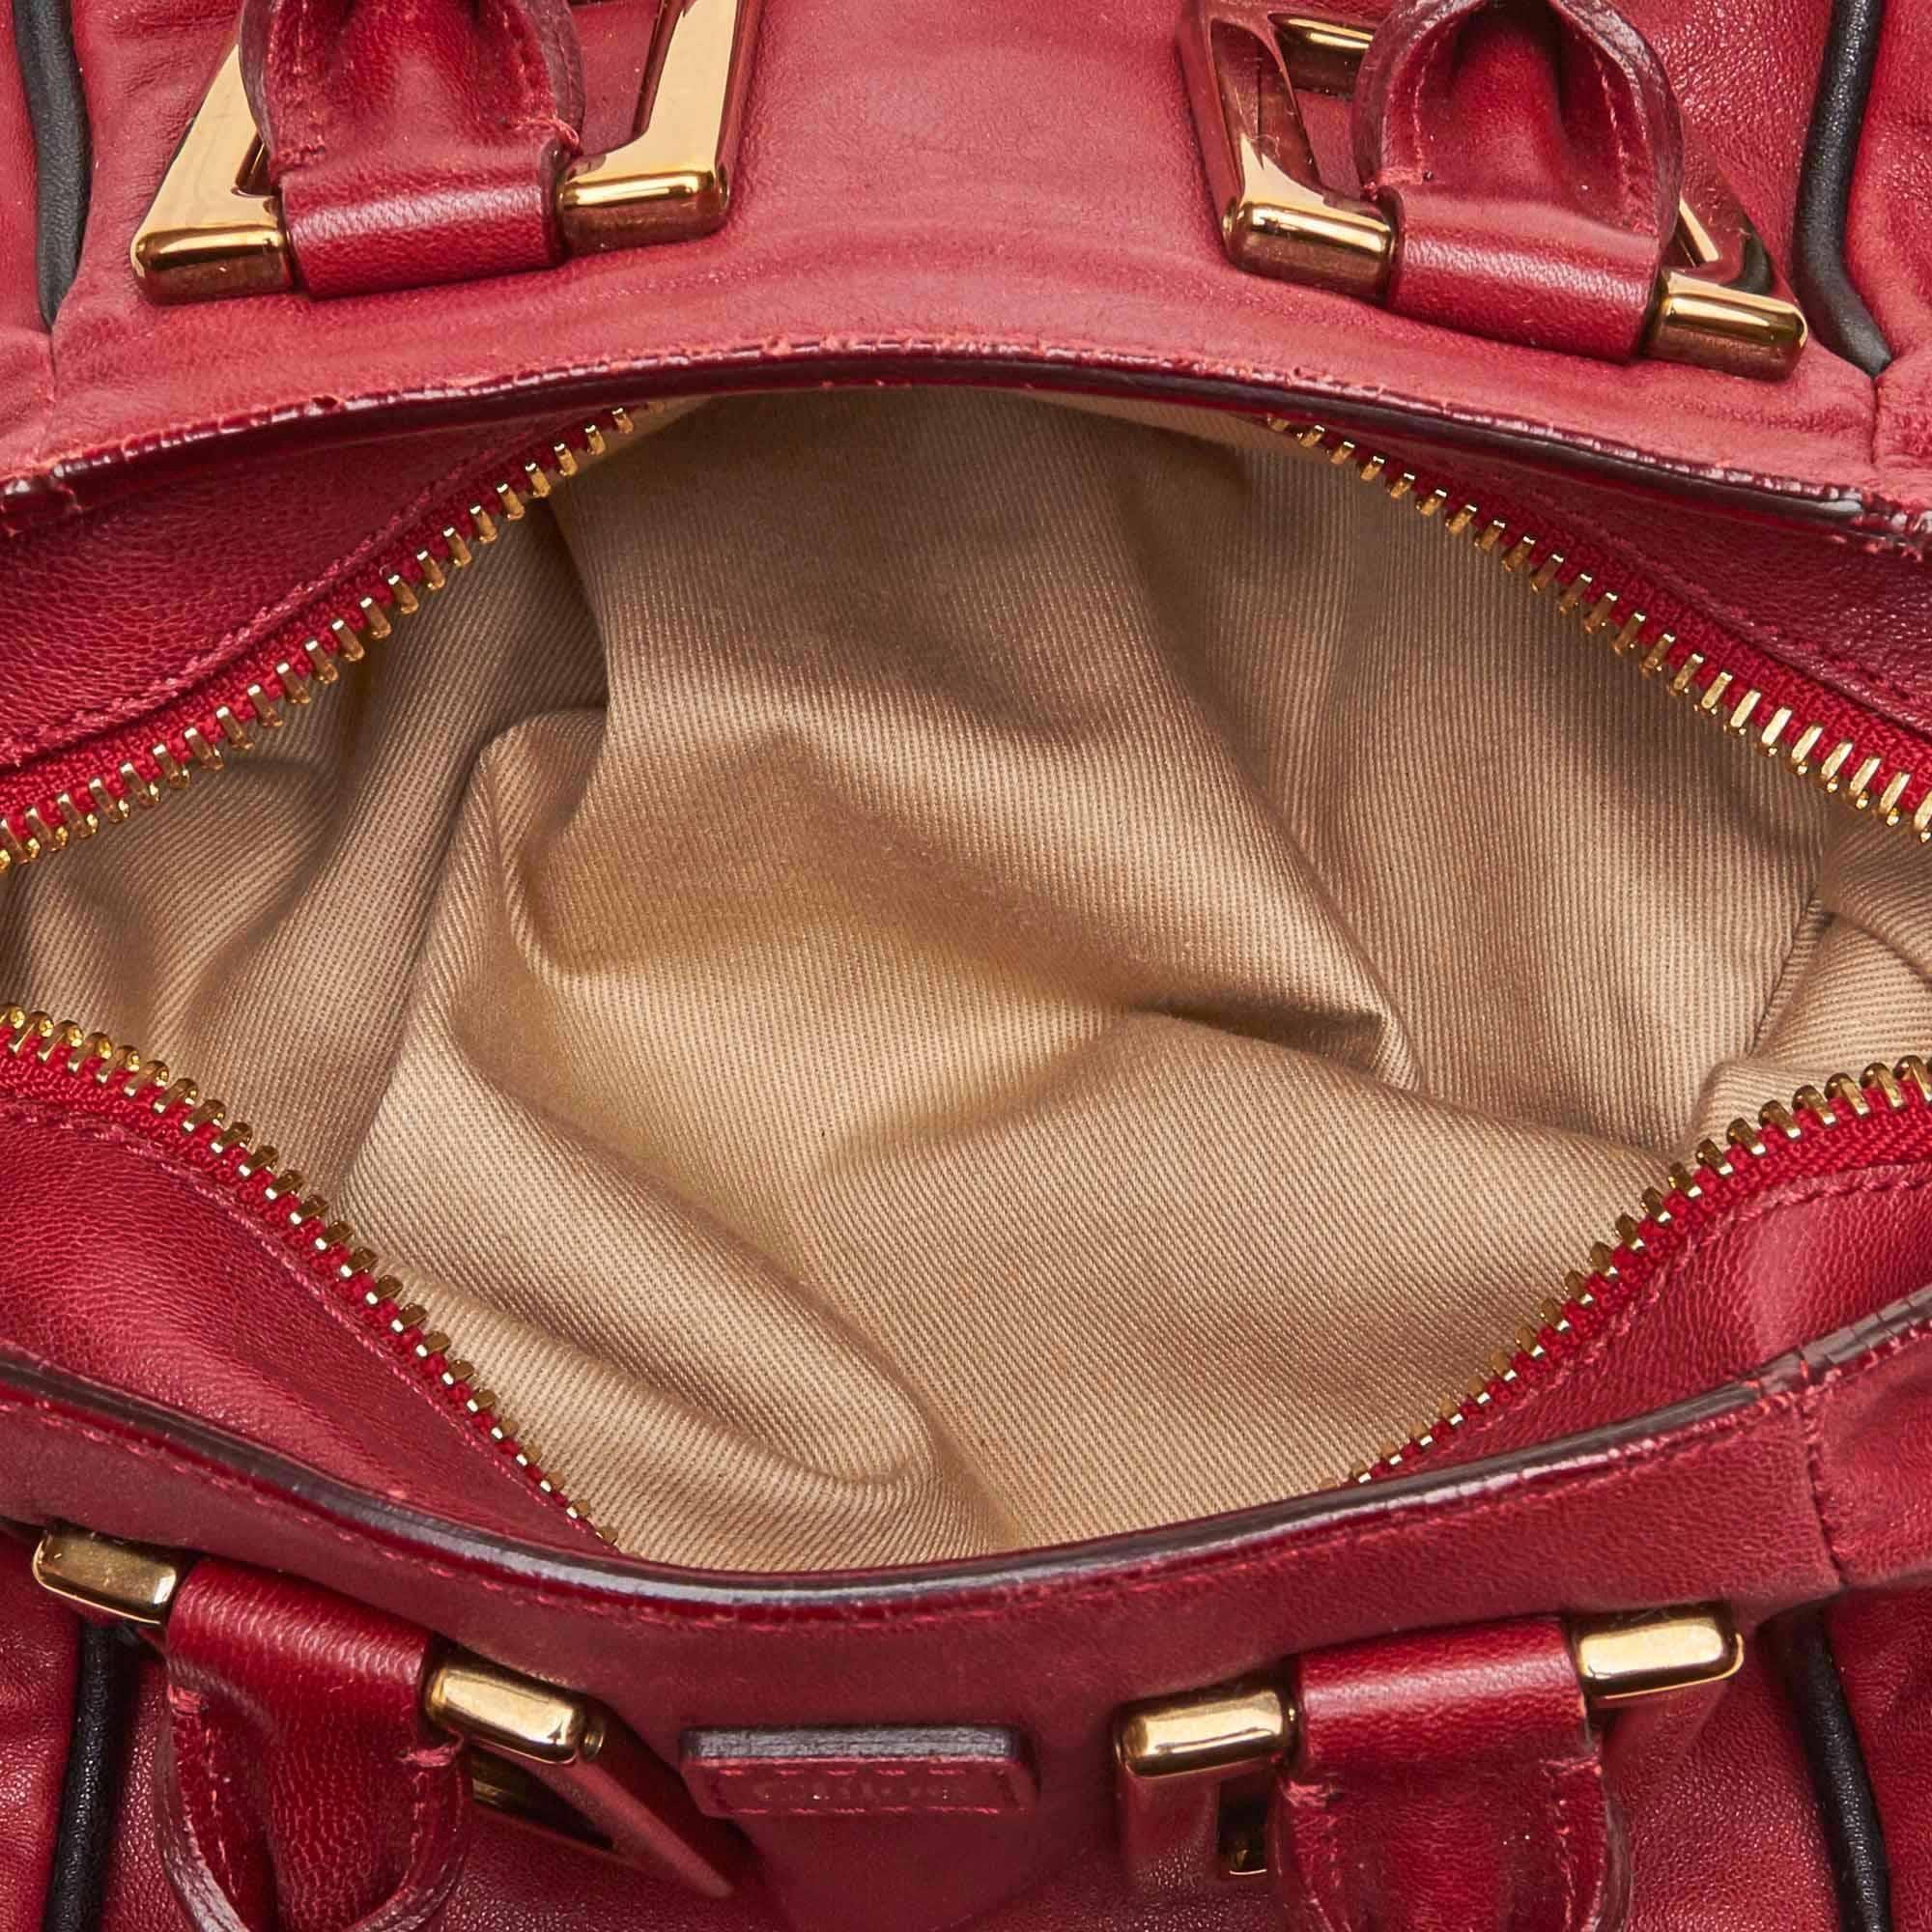 38d99d0af2 Chloe Red Leather Ethel at 1stdibs